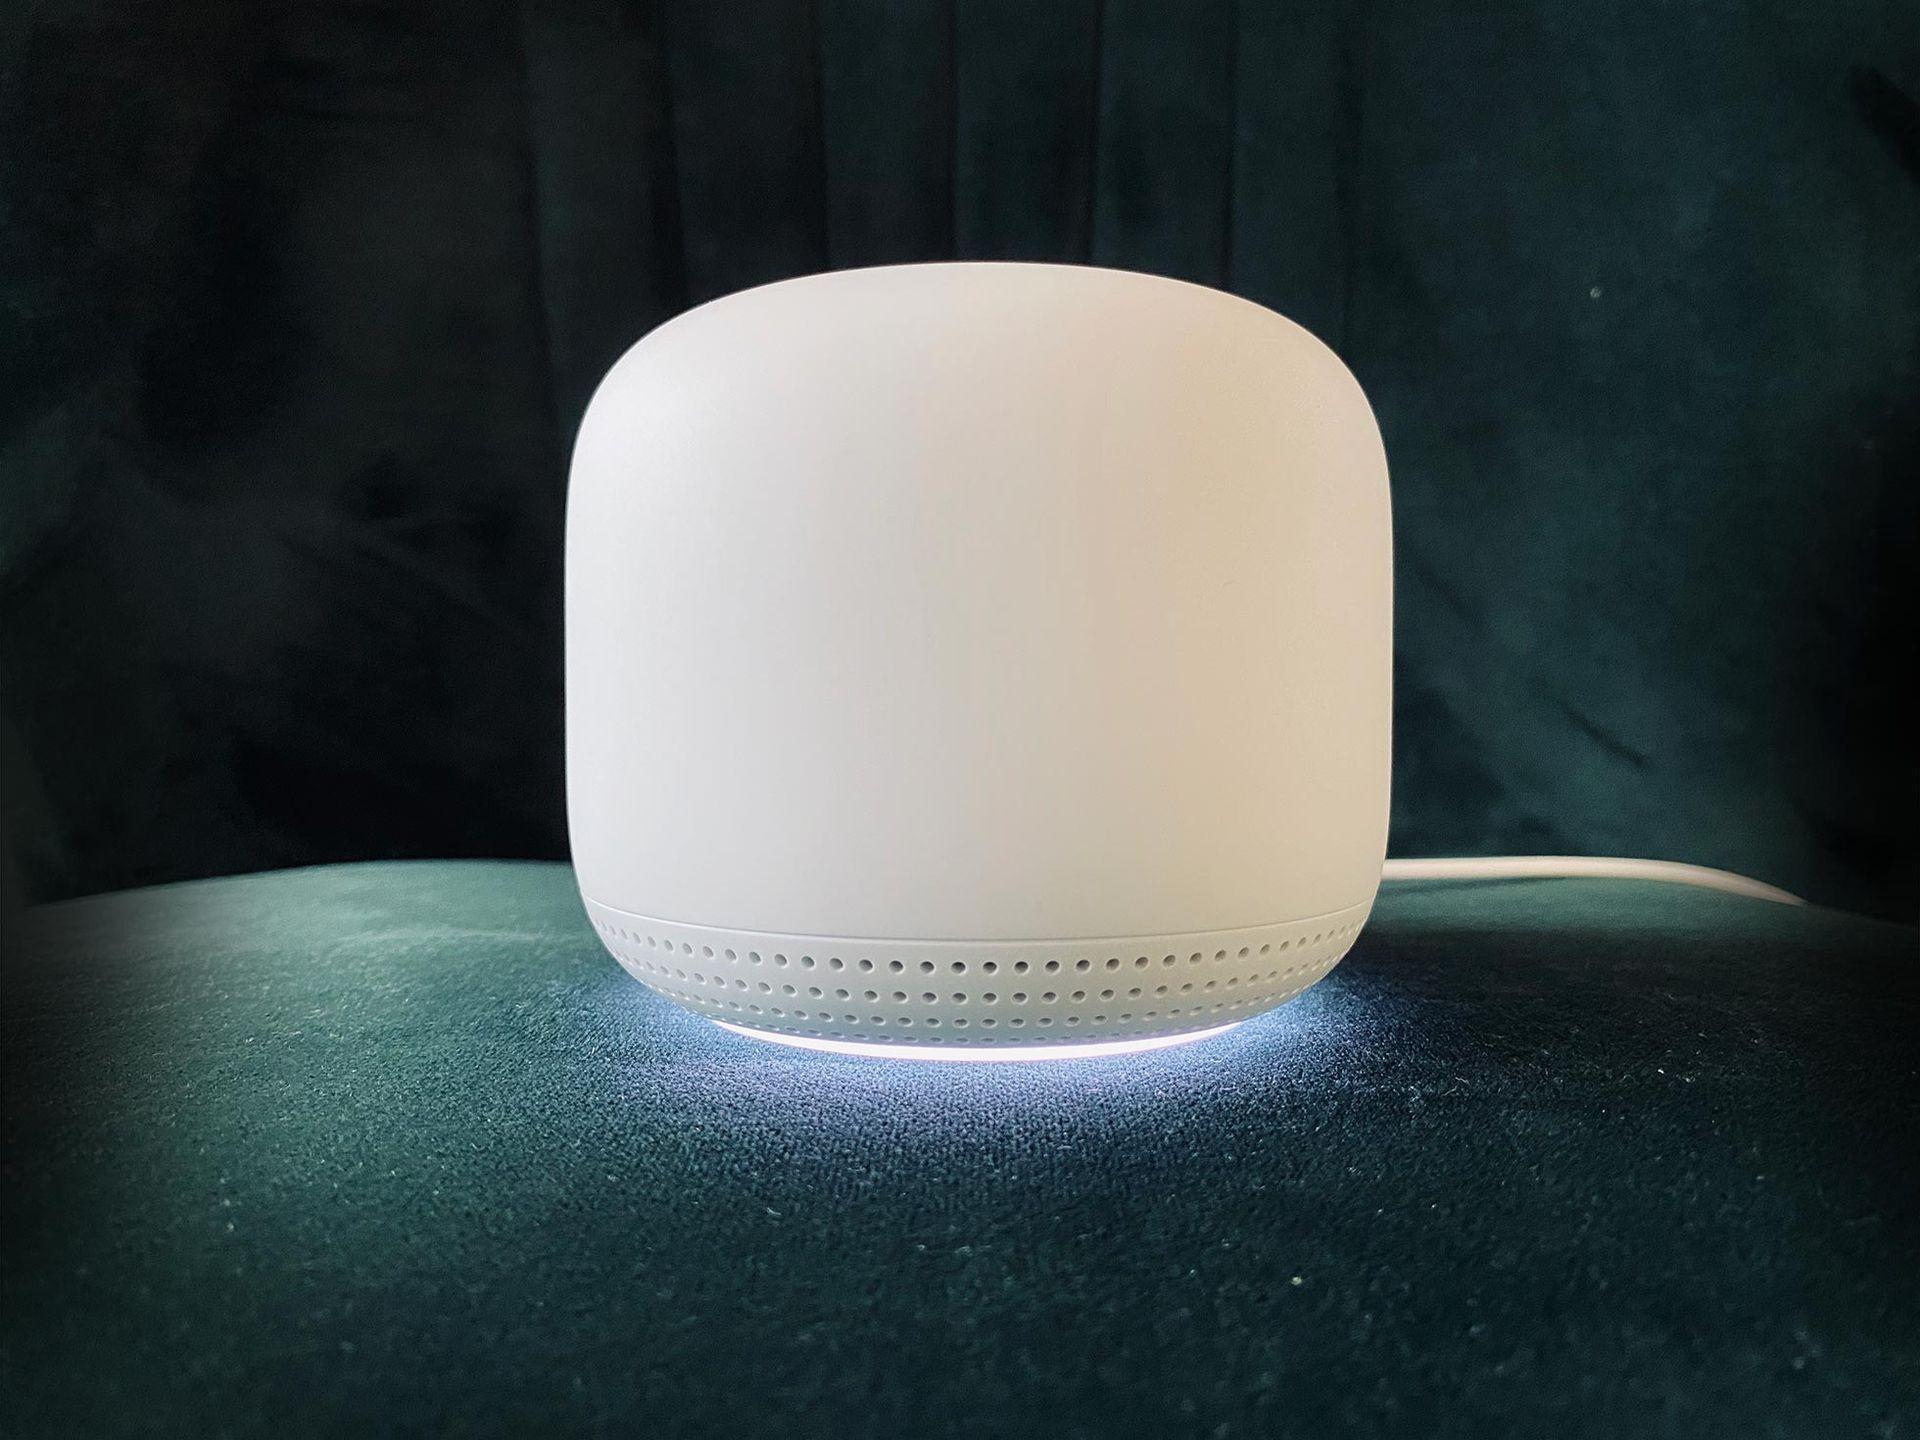 Vi har testat Google nya lösning för wifi